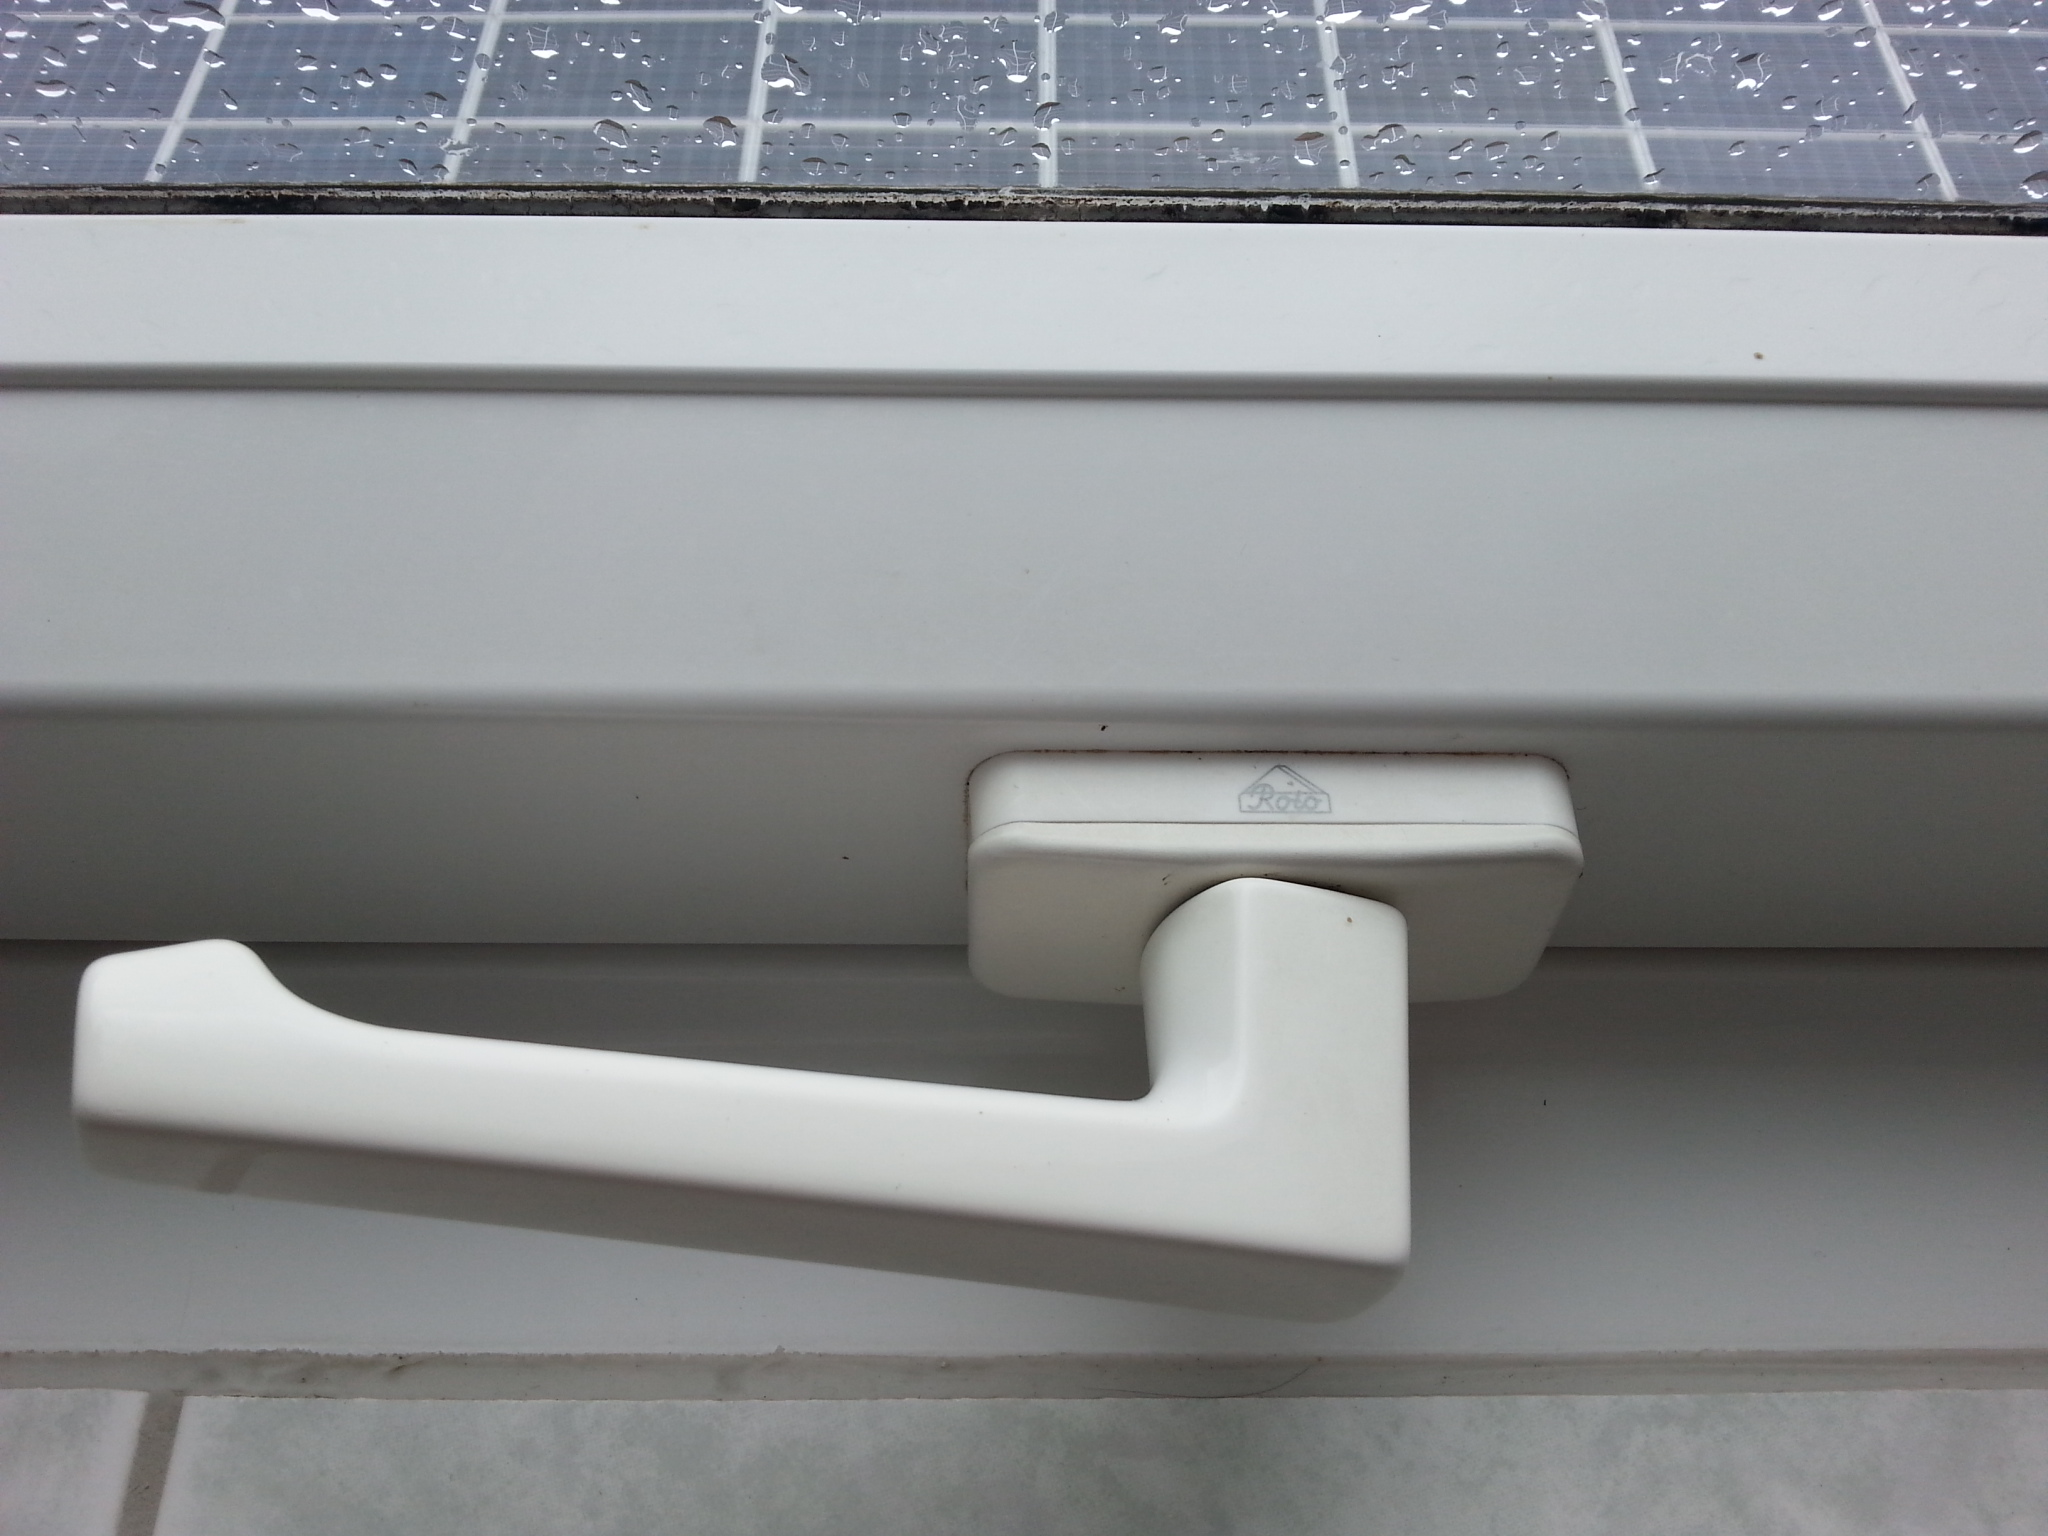 roto alpine dachfenster ohne typenschild typ. Black Bedroom Furniture Sets. Home Design Ideas